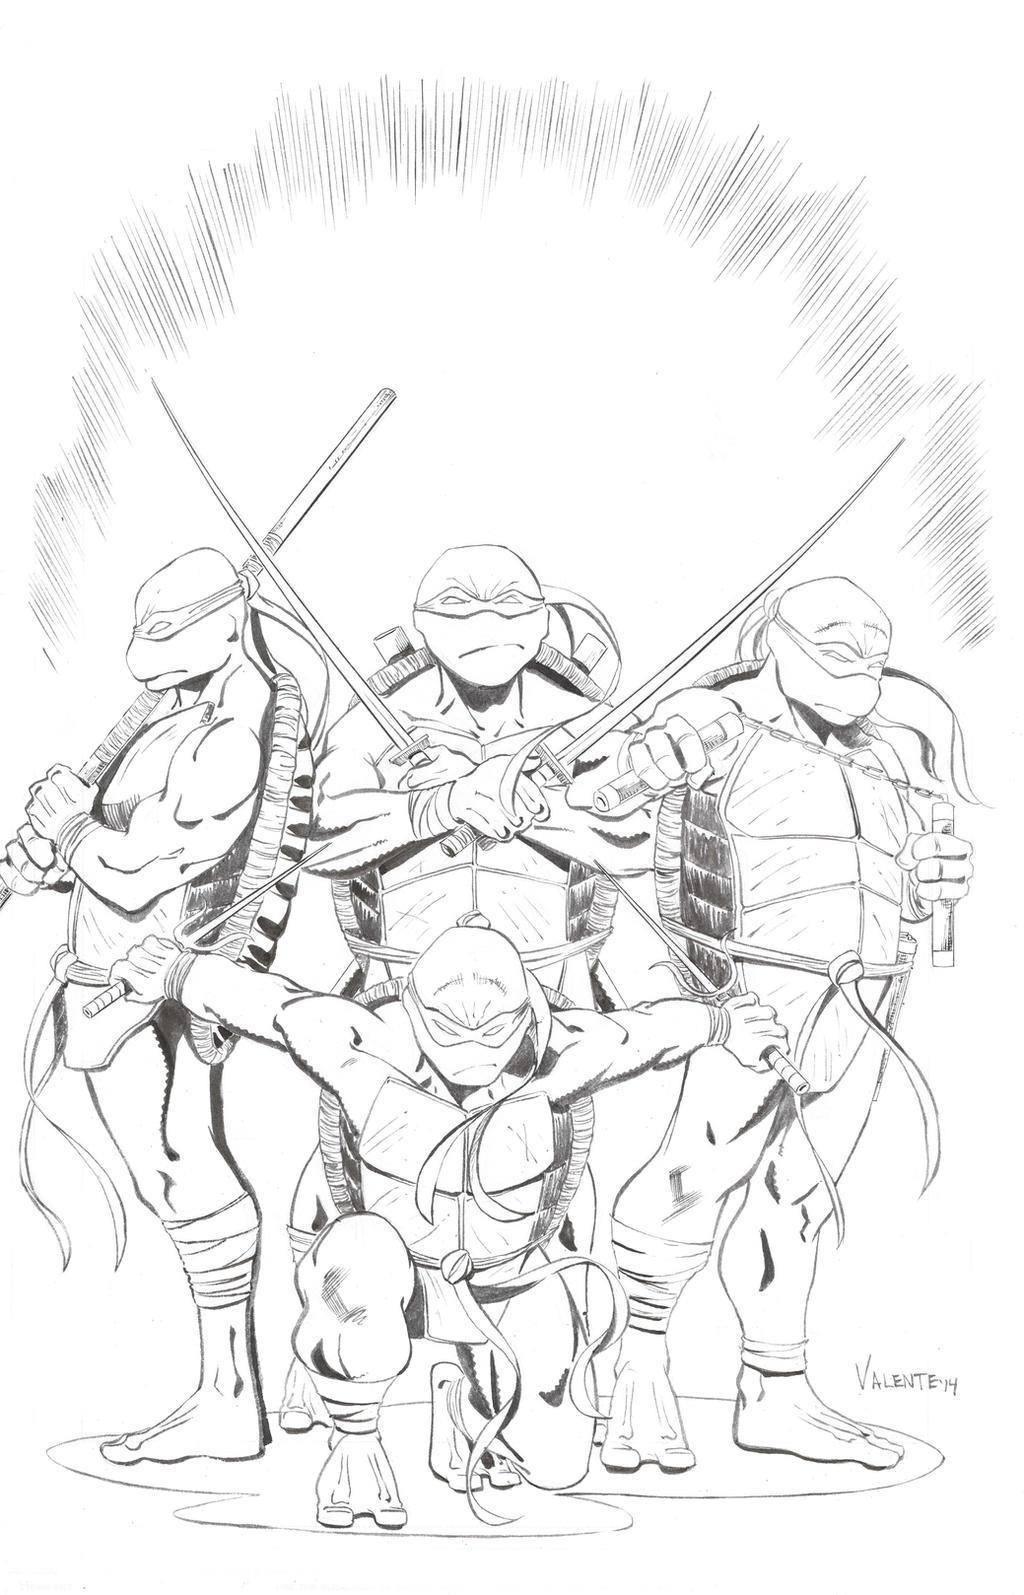 Turtle Power! by NJValente